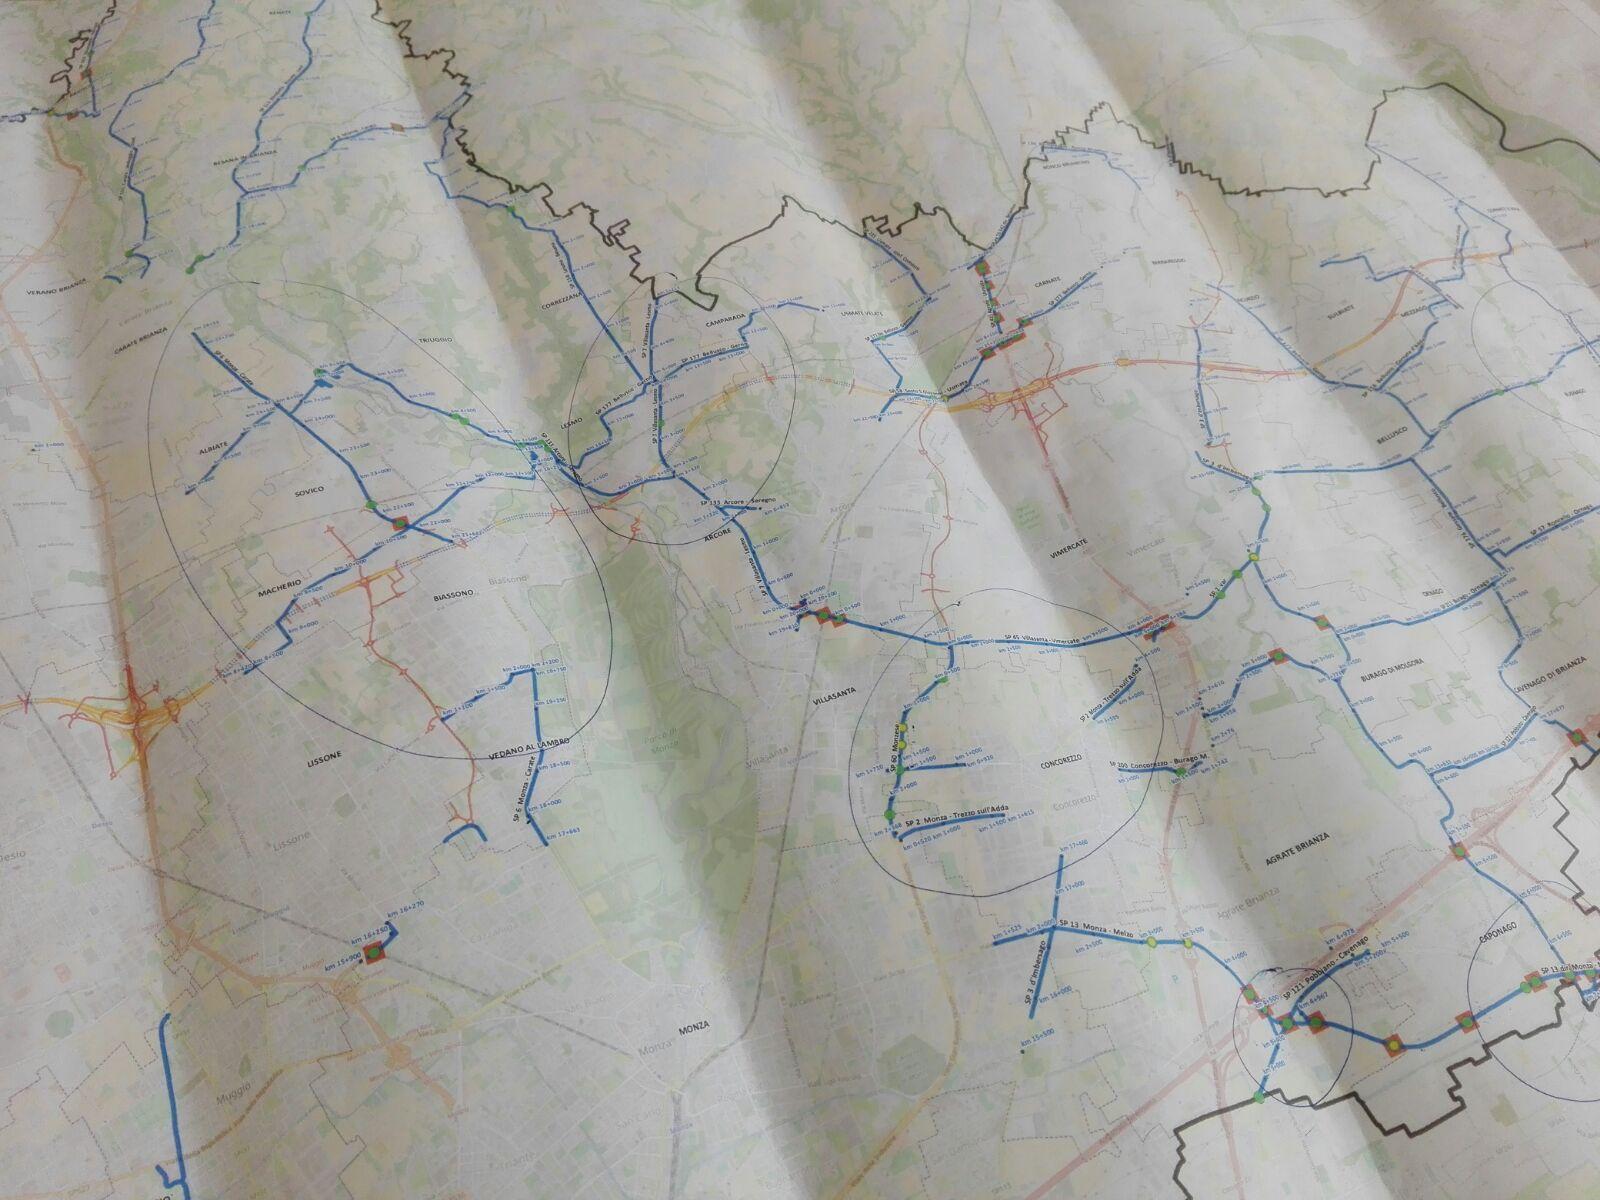 Operazione ponti sicuri in Provincia di Monza